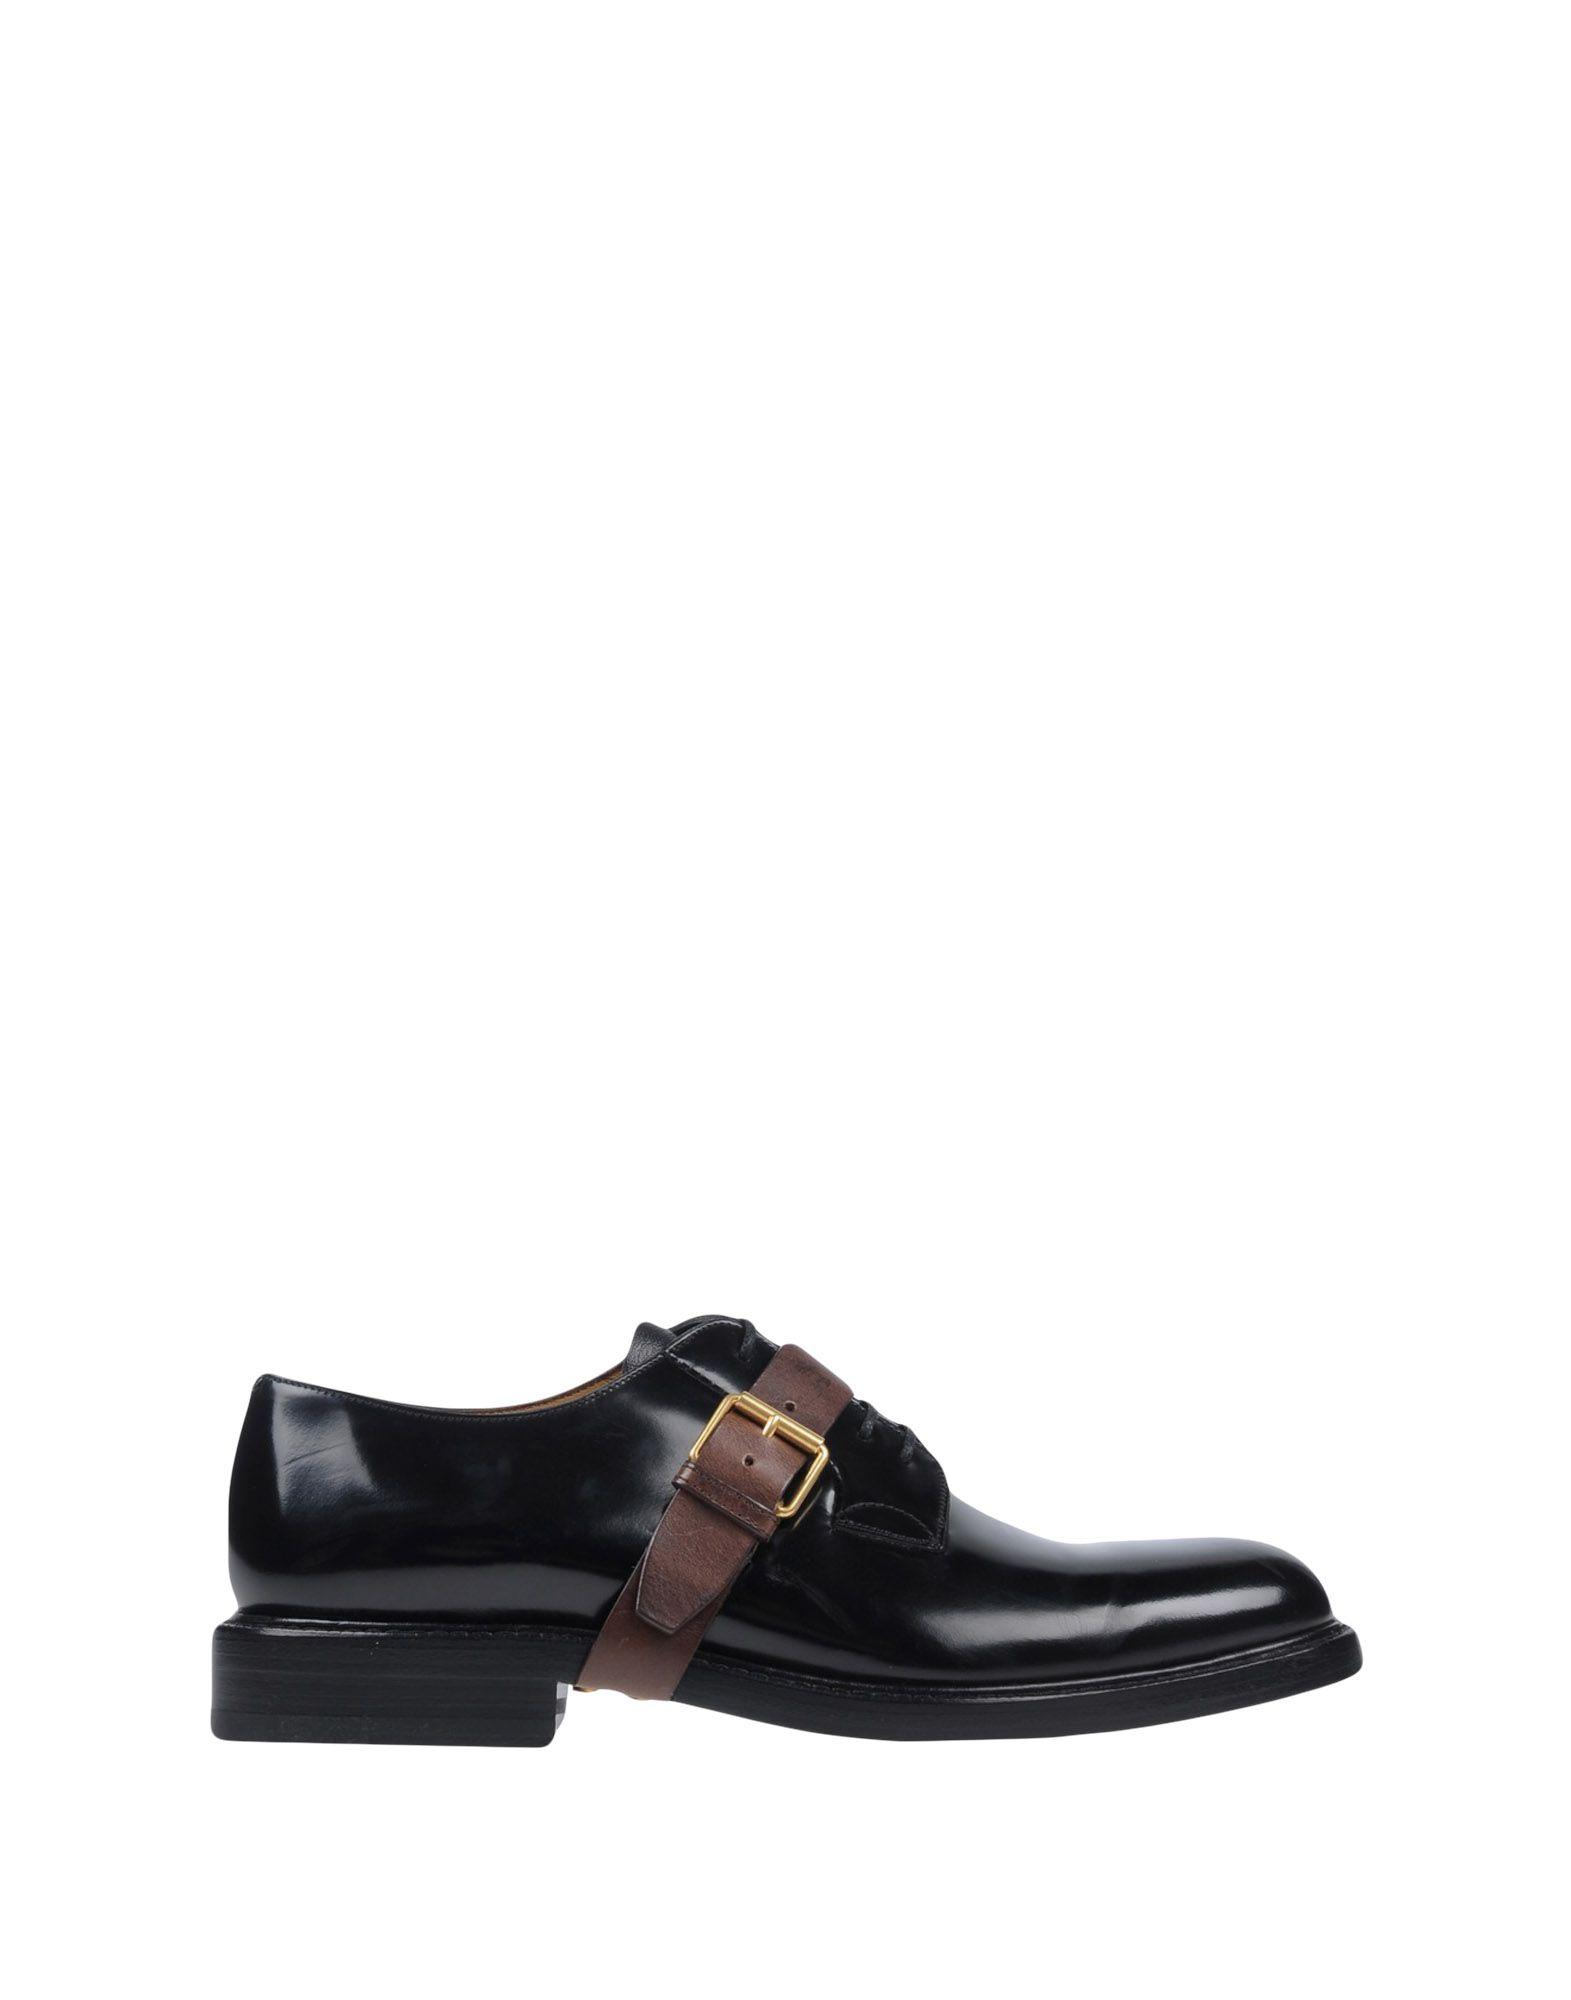 Valentino Garavani Schnürschuhe Herren  Schuhe 11477413MW Gute Qualität beliebte Schuhe  295c11